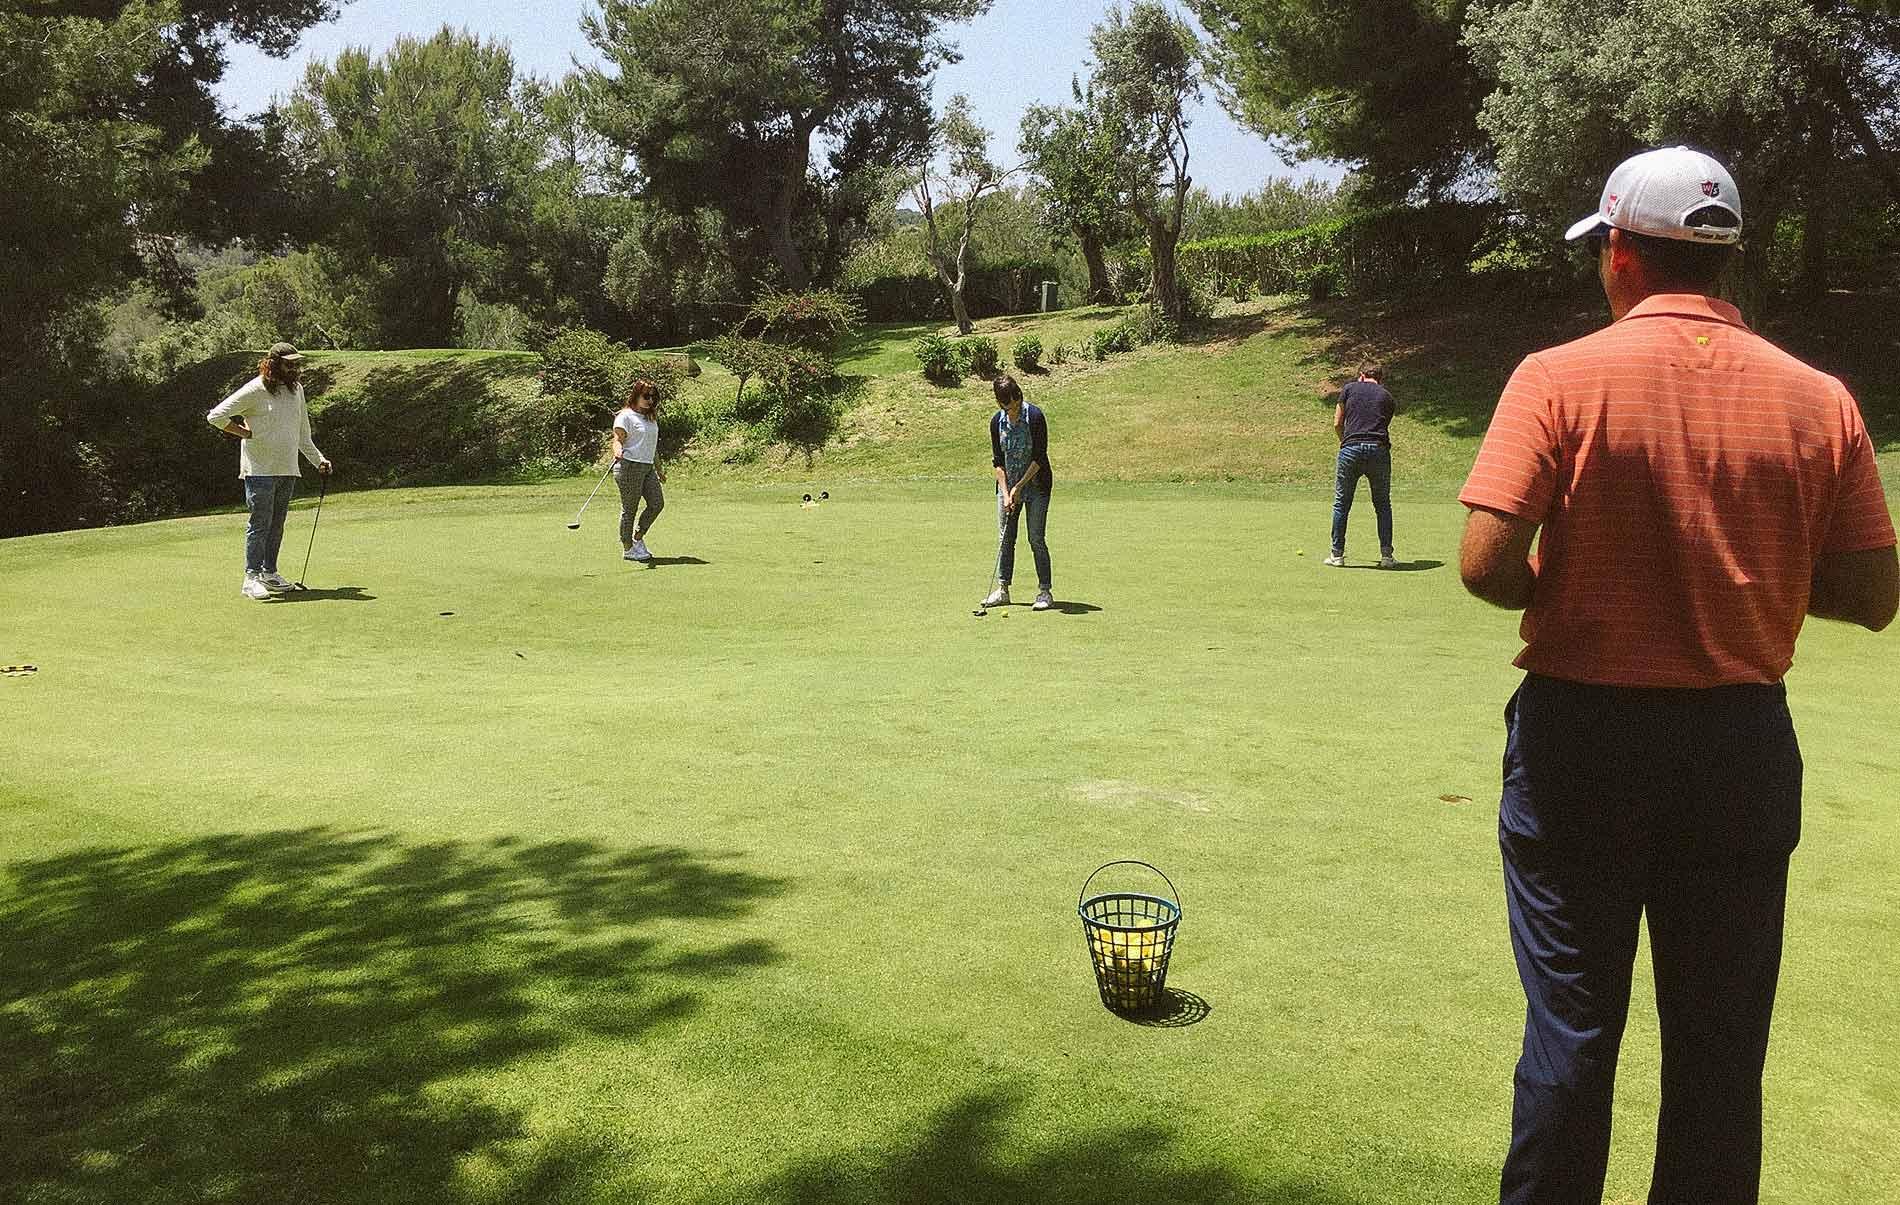 Taller 02 Mandarina Brand Society golf